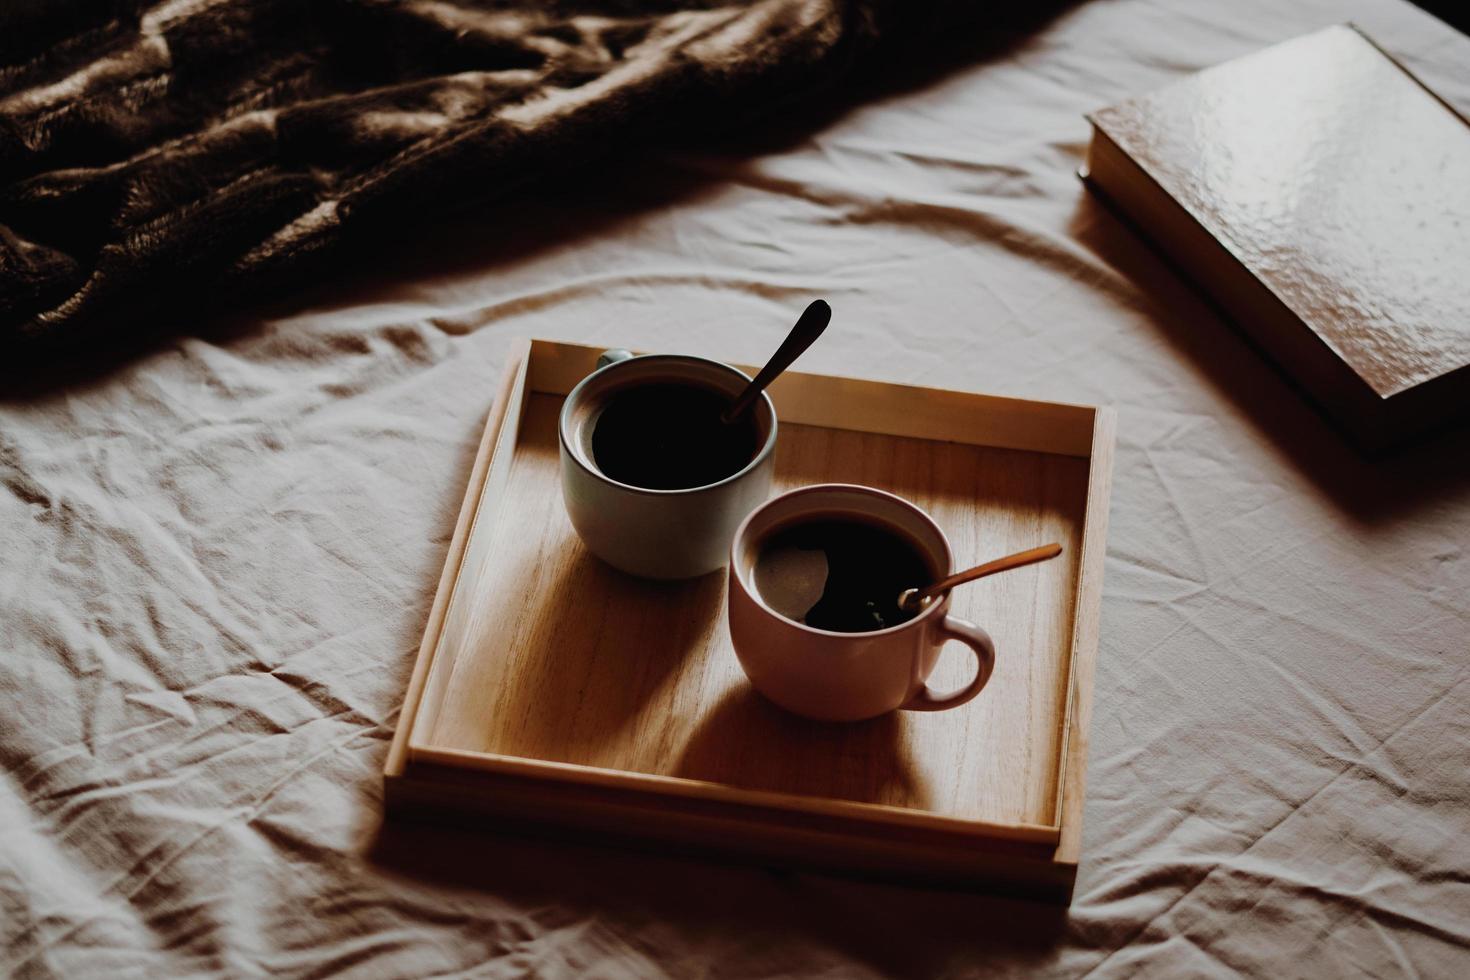 tasses de café sur un plateau en bois sur le lit photo